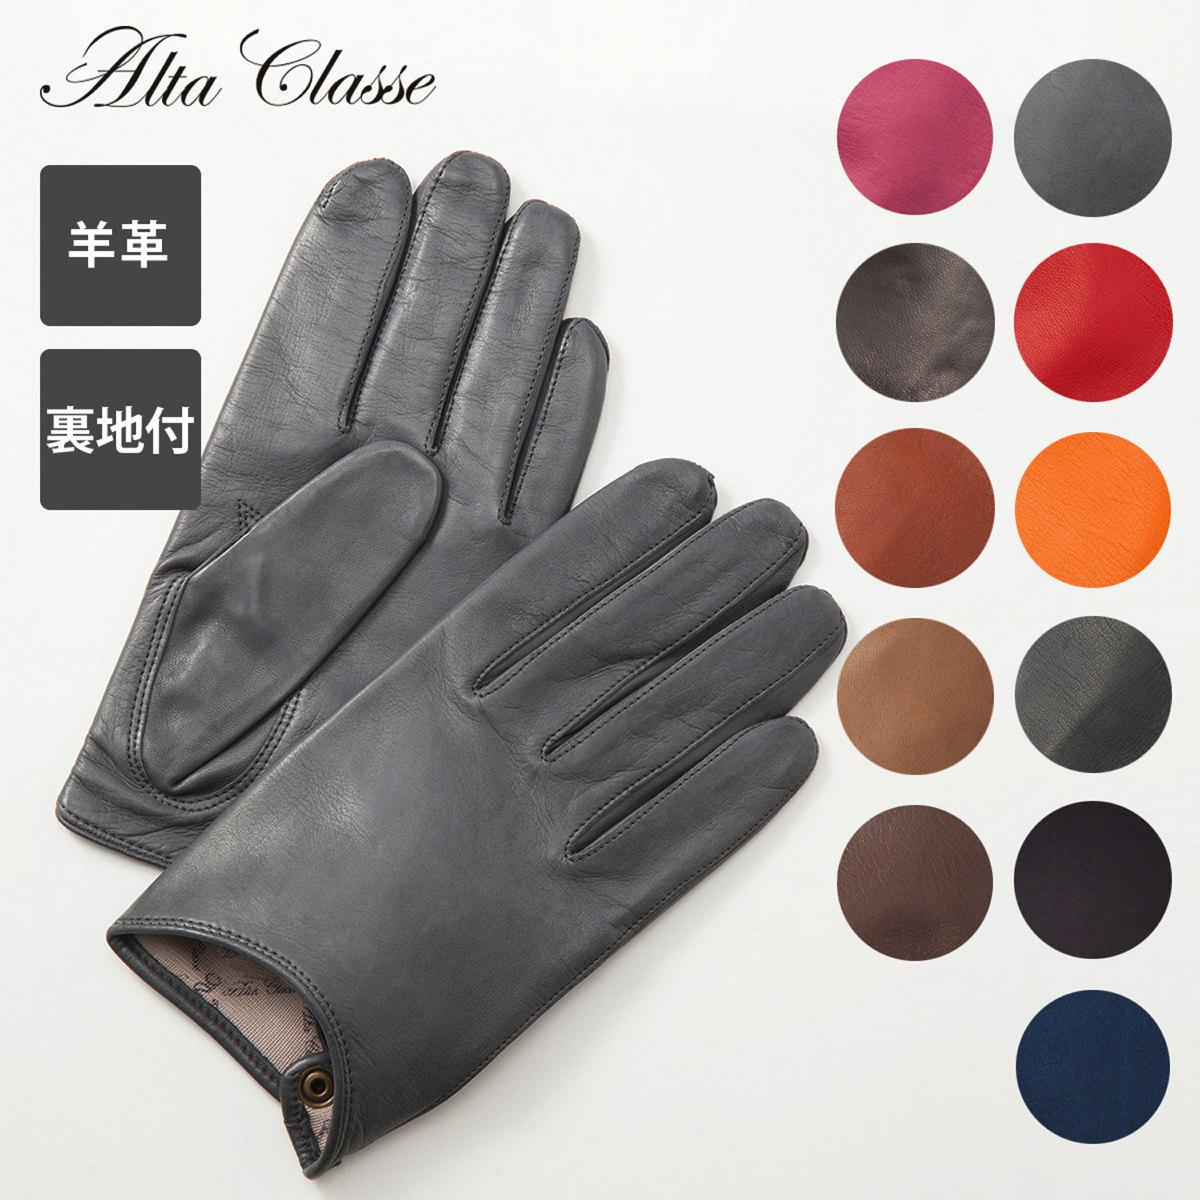 アルタクラッセ カプリガンティ 裏地シルク100%メンズ革手袋 ブラック